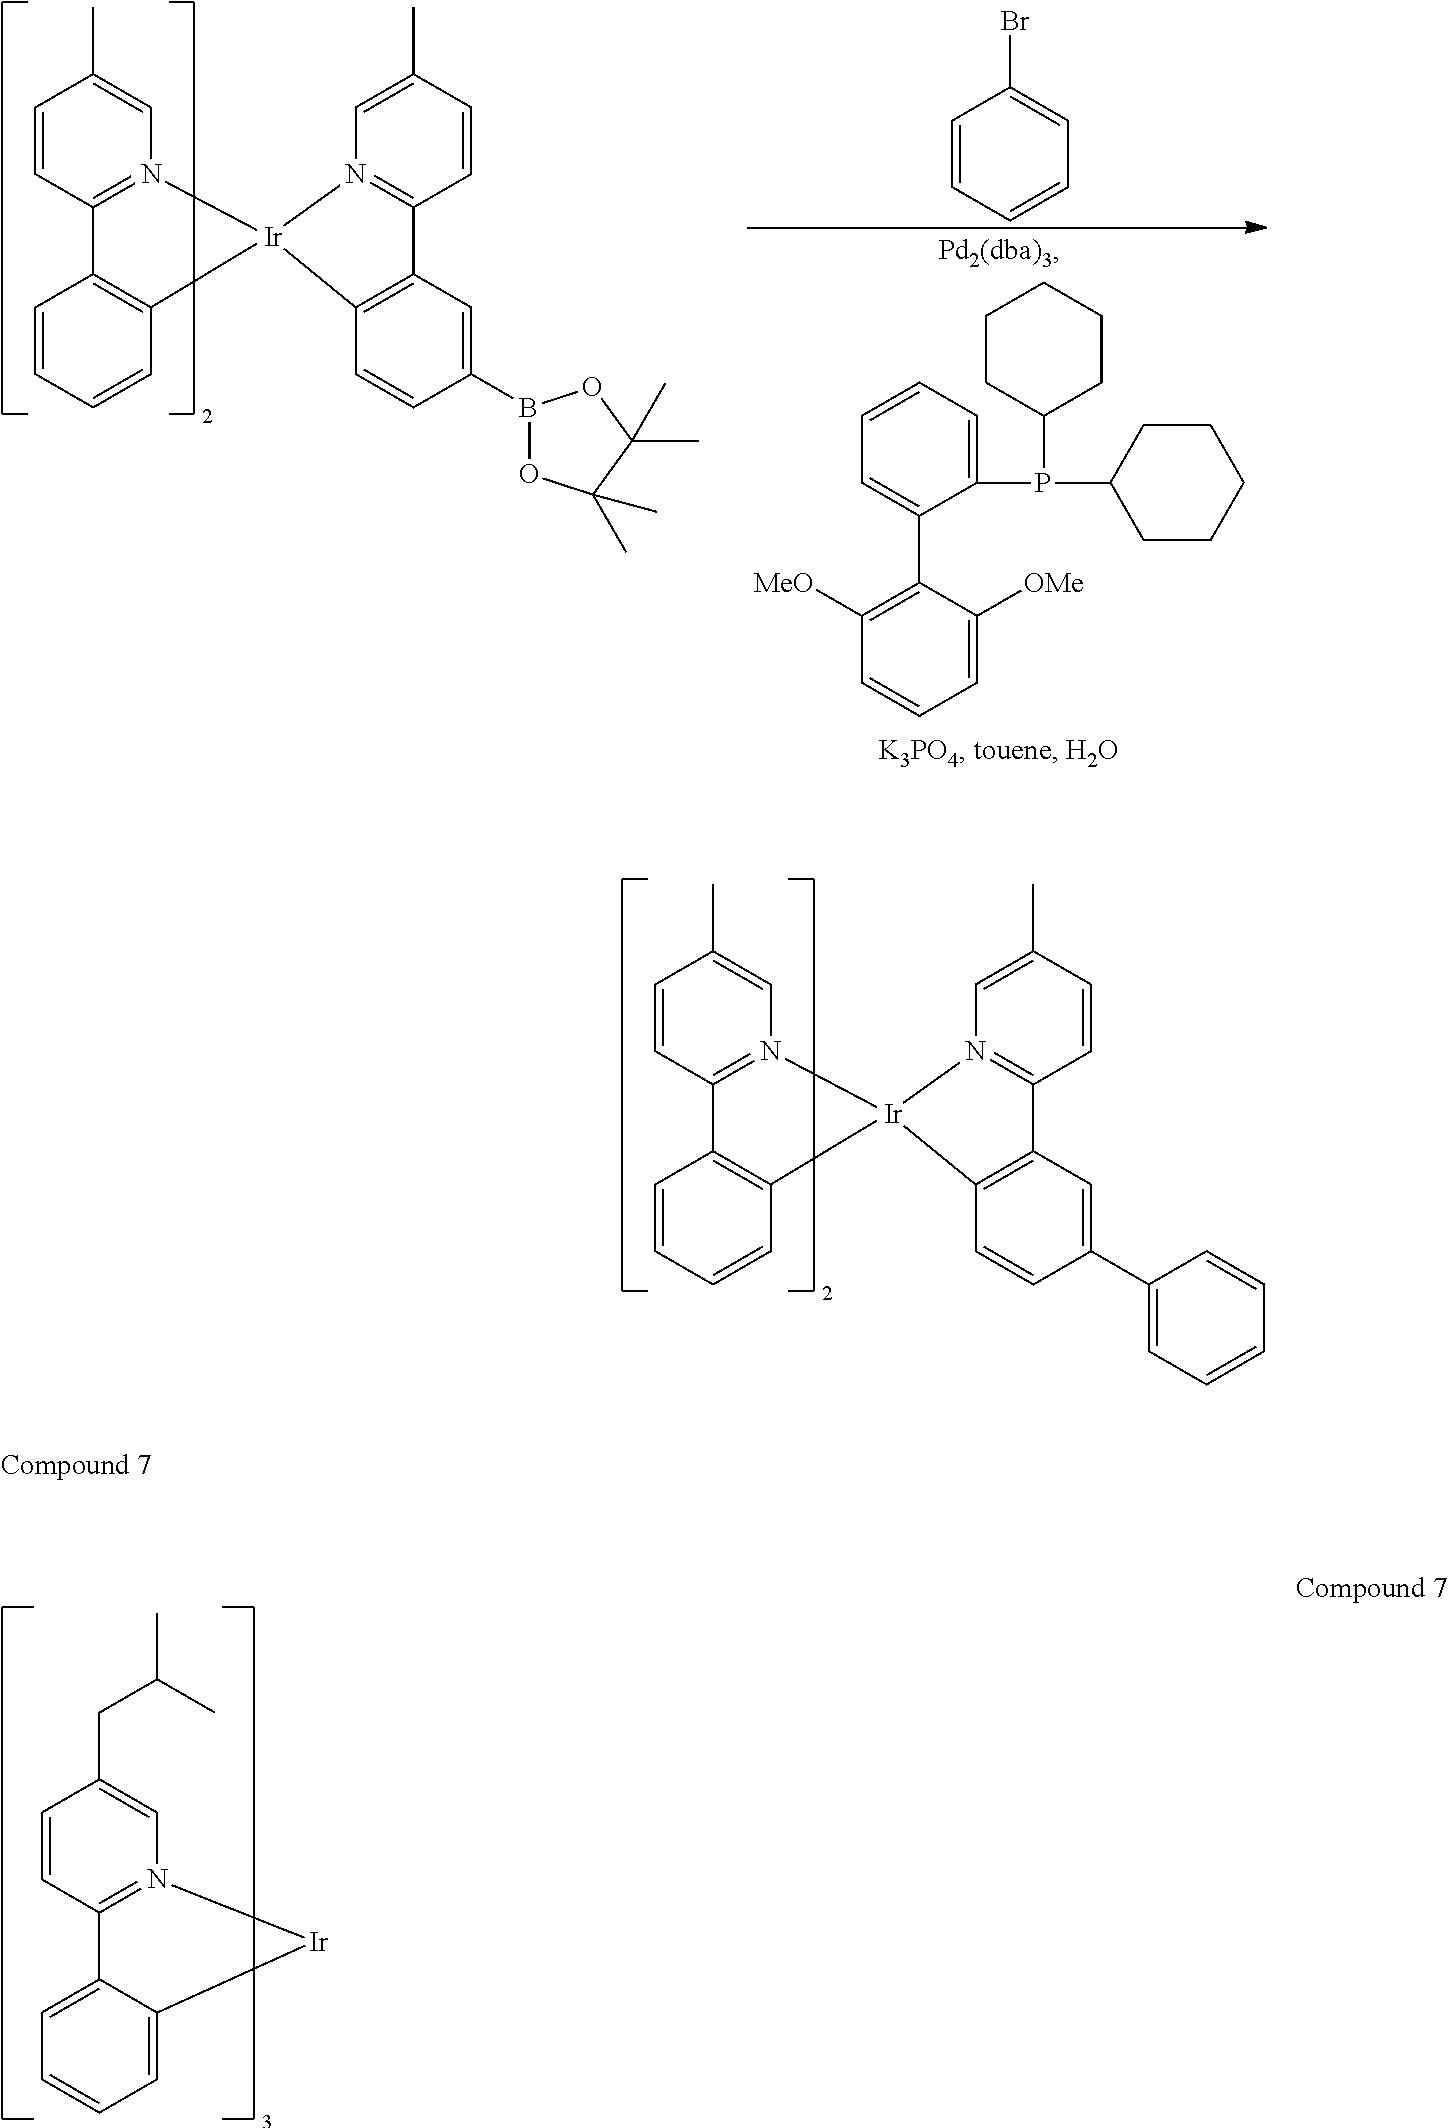 Figure US09899612-20180220-C00063